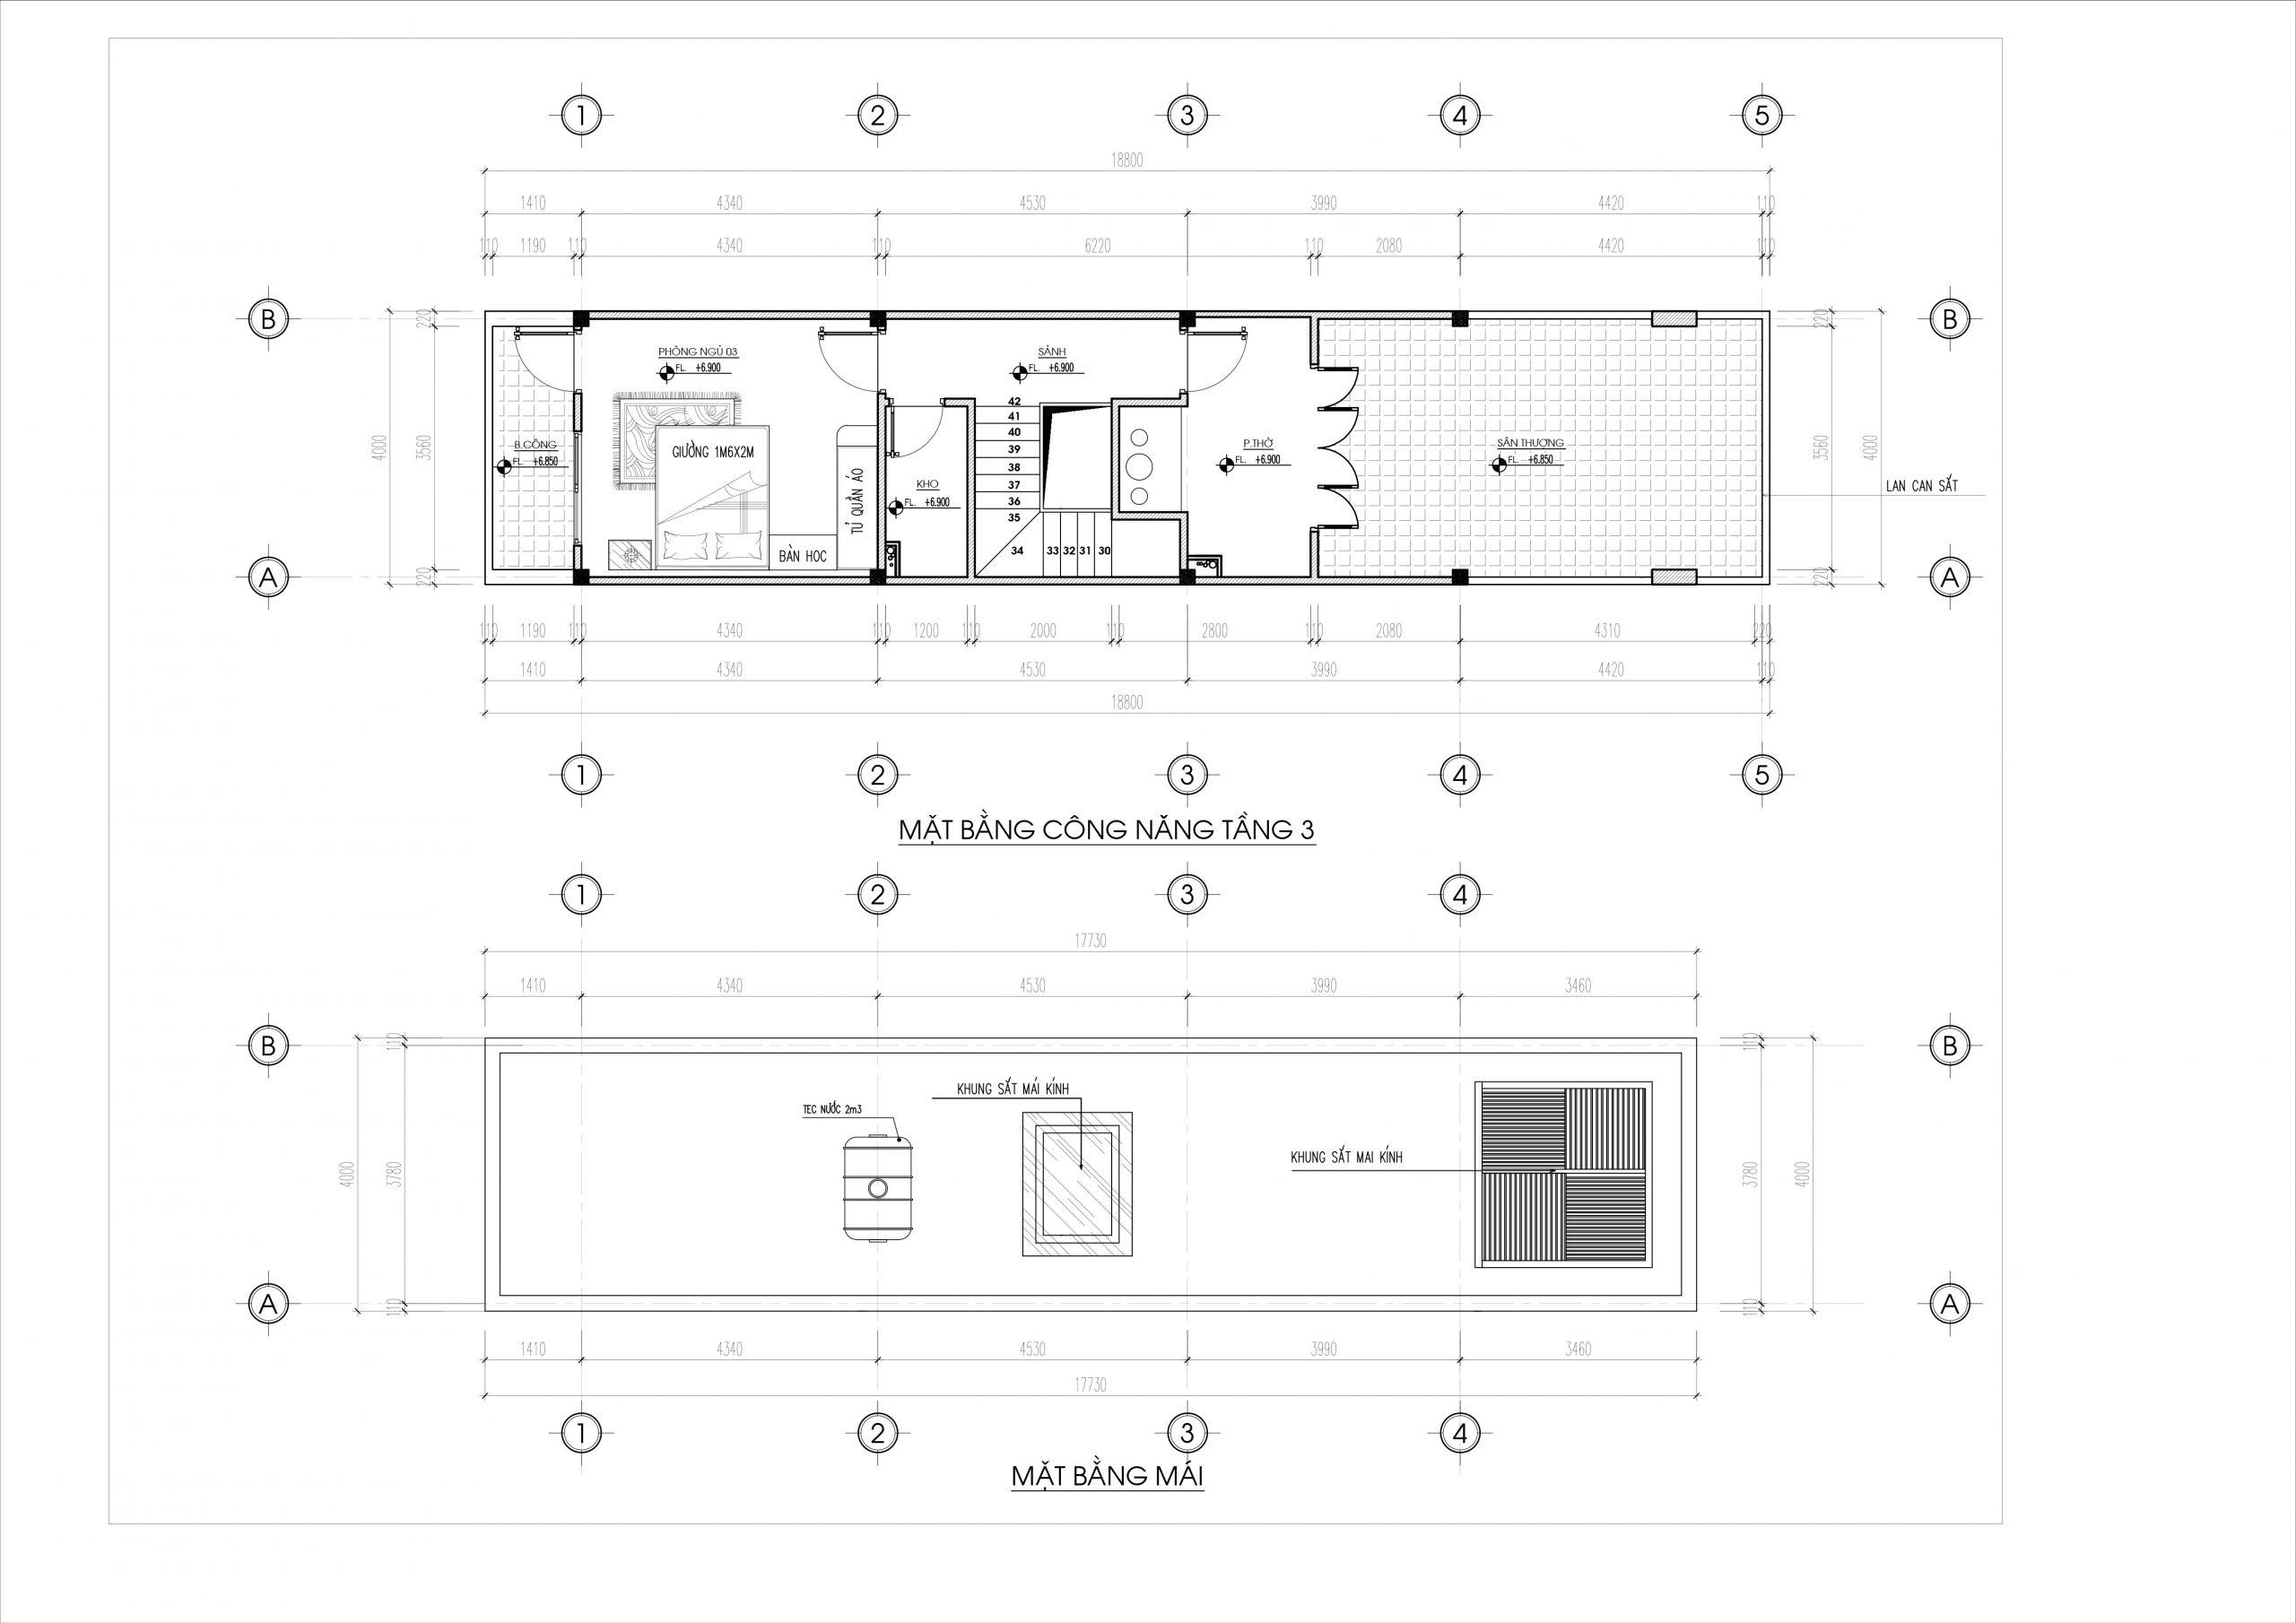 Mặt bằng công năng tầng 3 và tầng mái